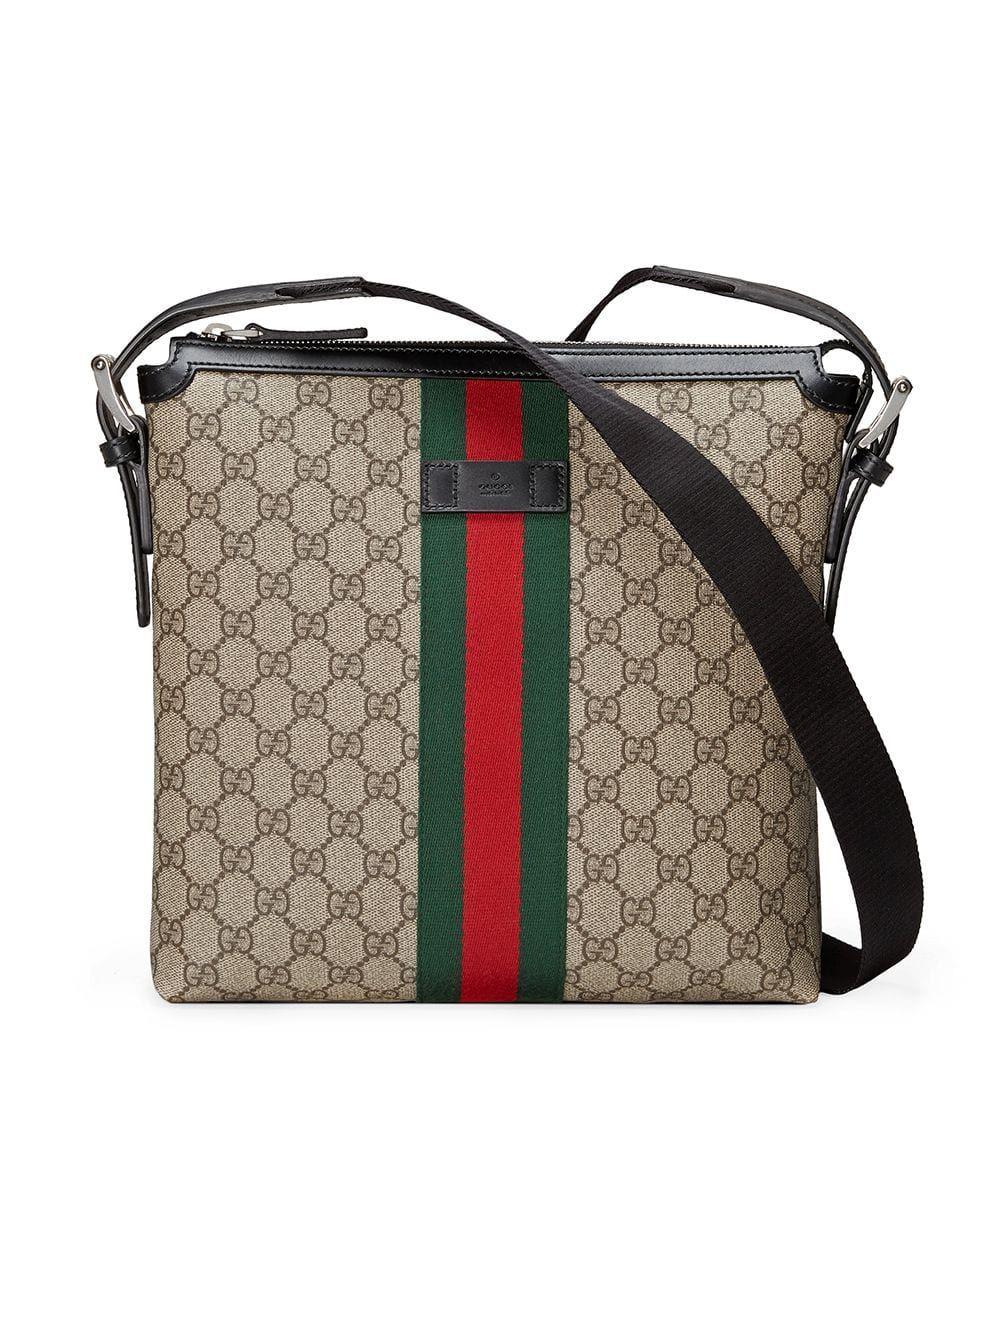 c73fb18e979e Gucci Web GG Supreme messenger - Brown in 2019 | Products | Gucci ...